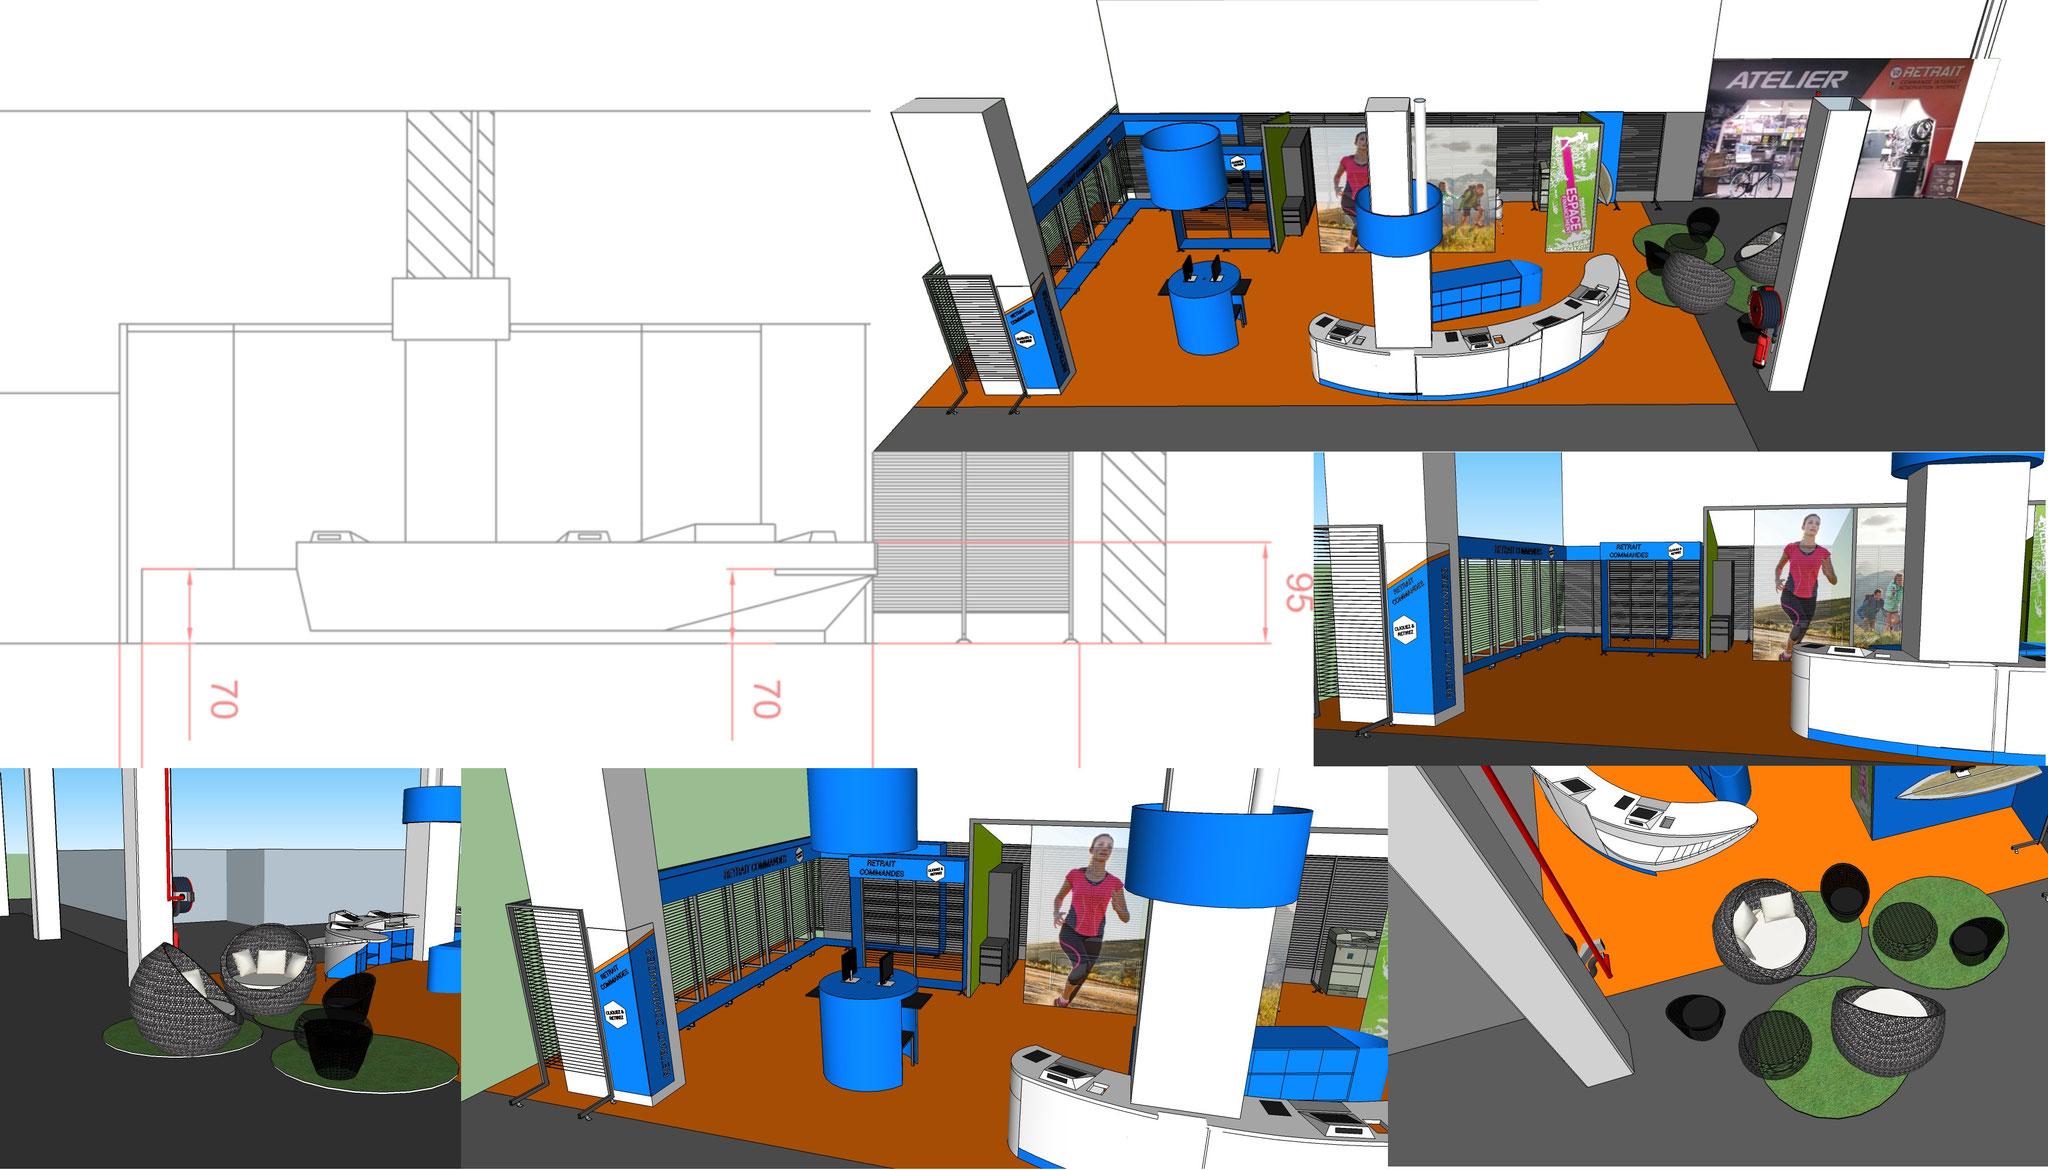 Conception banque d'accueil / Ergonomie au travail